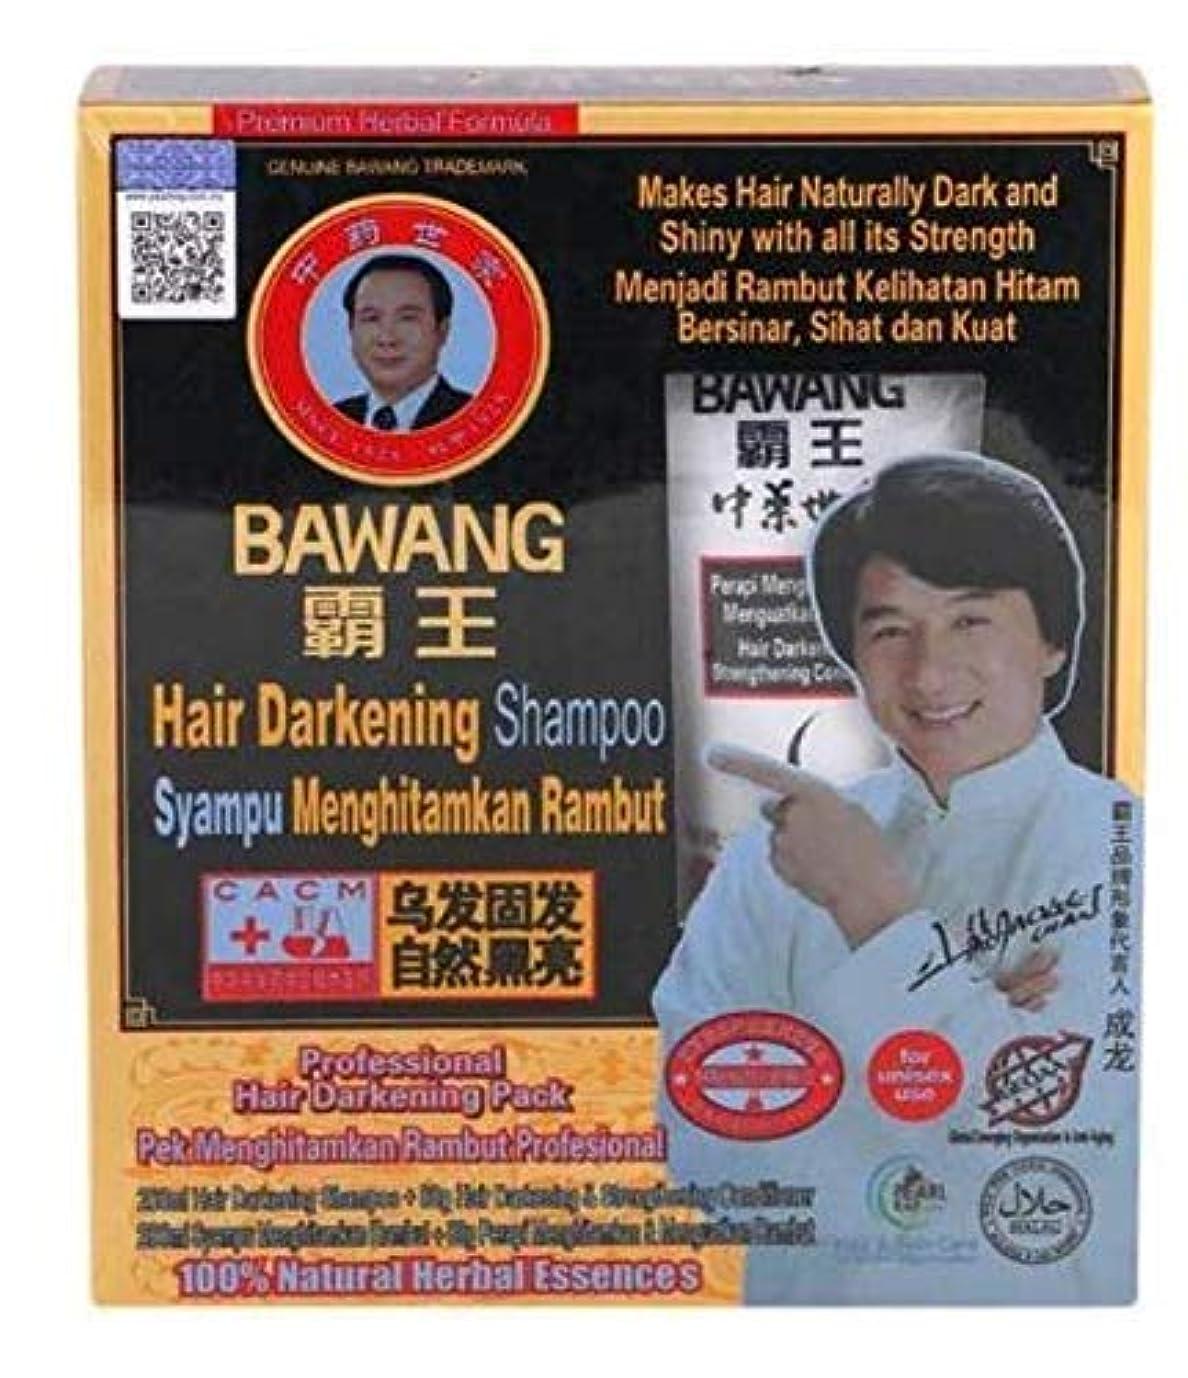 東注入グローブBAWANG プロフェッショナル髪黒い袋200ミリリットル+ 80グラム